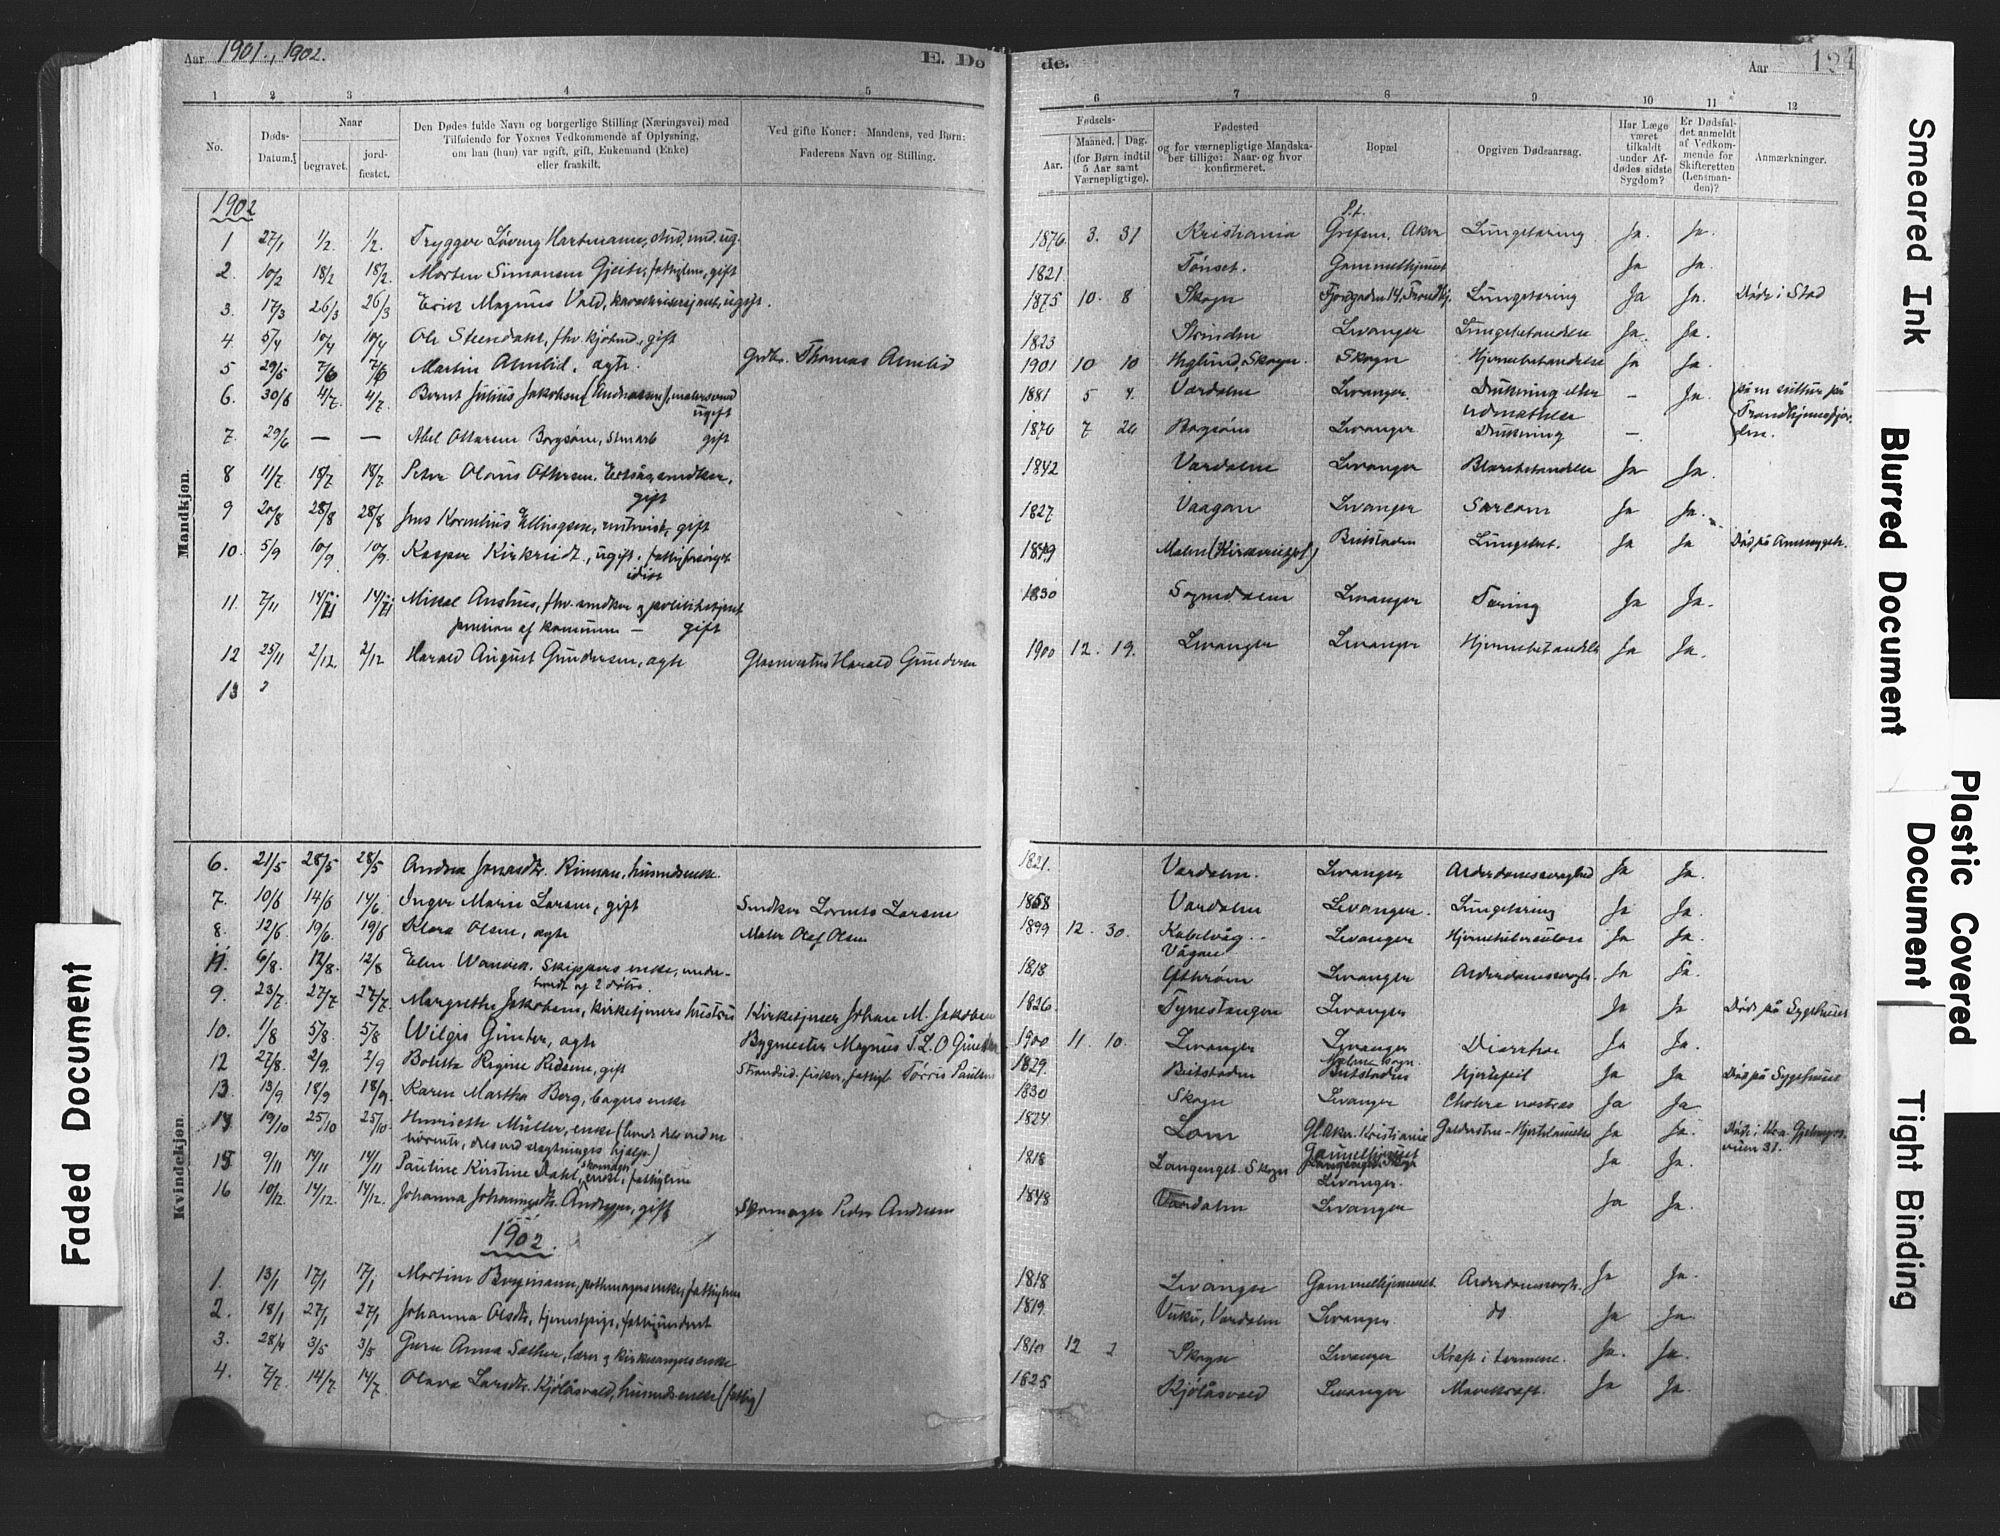 SAT, Ministerialprotokoller, klokkerbøker og fødselsregistre - Nord-Trøndelag, 720/L0189: Ministerialbok nr. 720A05, 1880-1911, s. 124